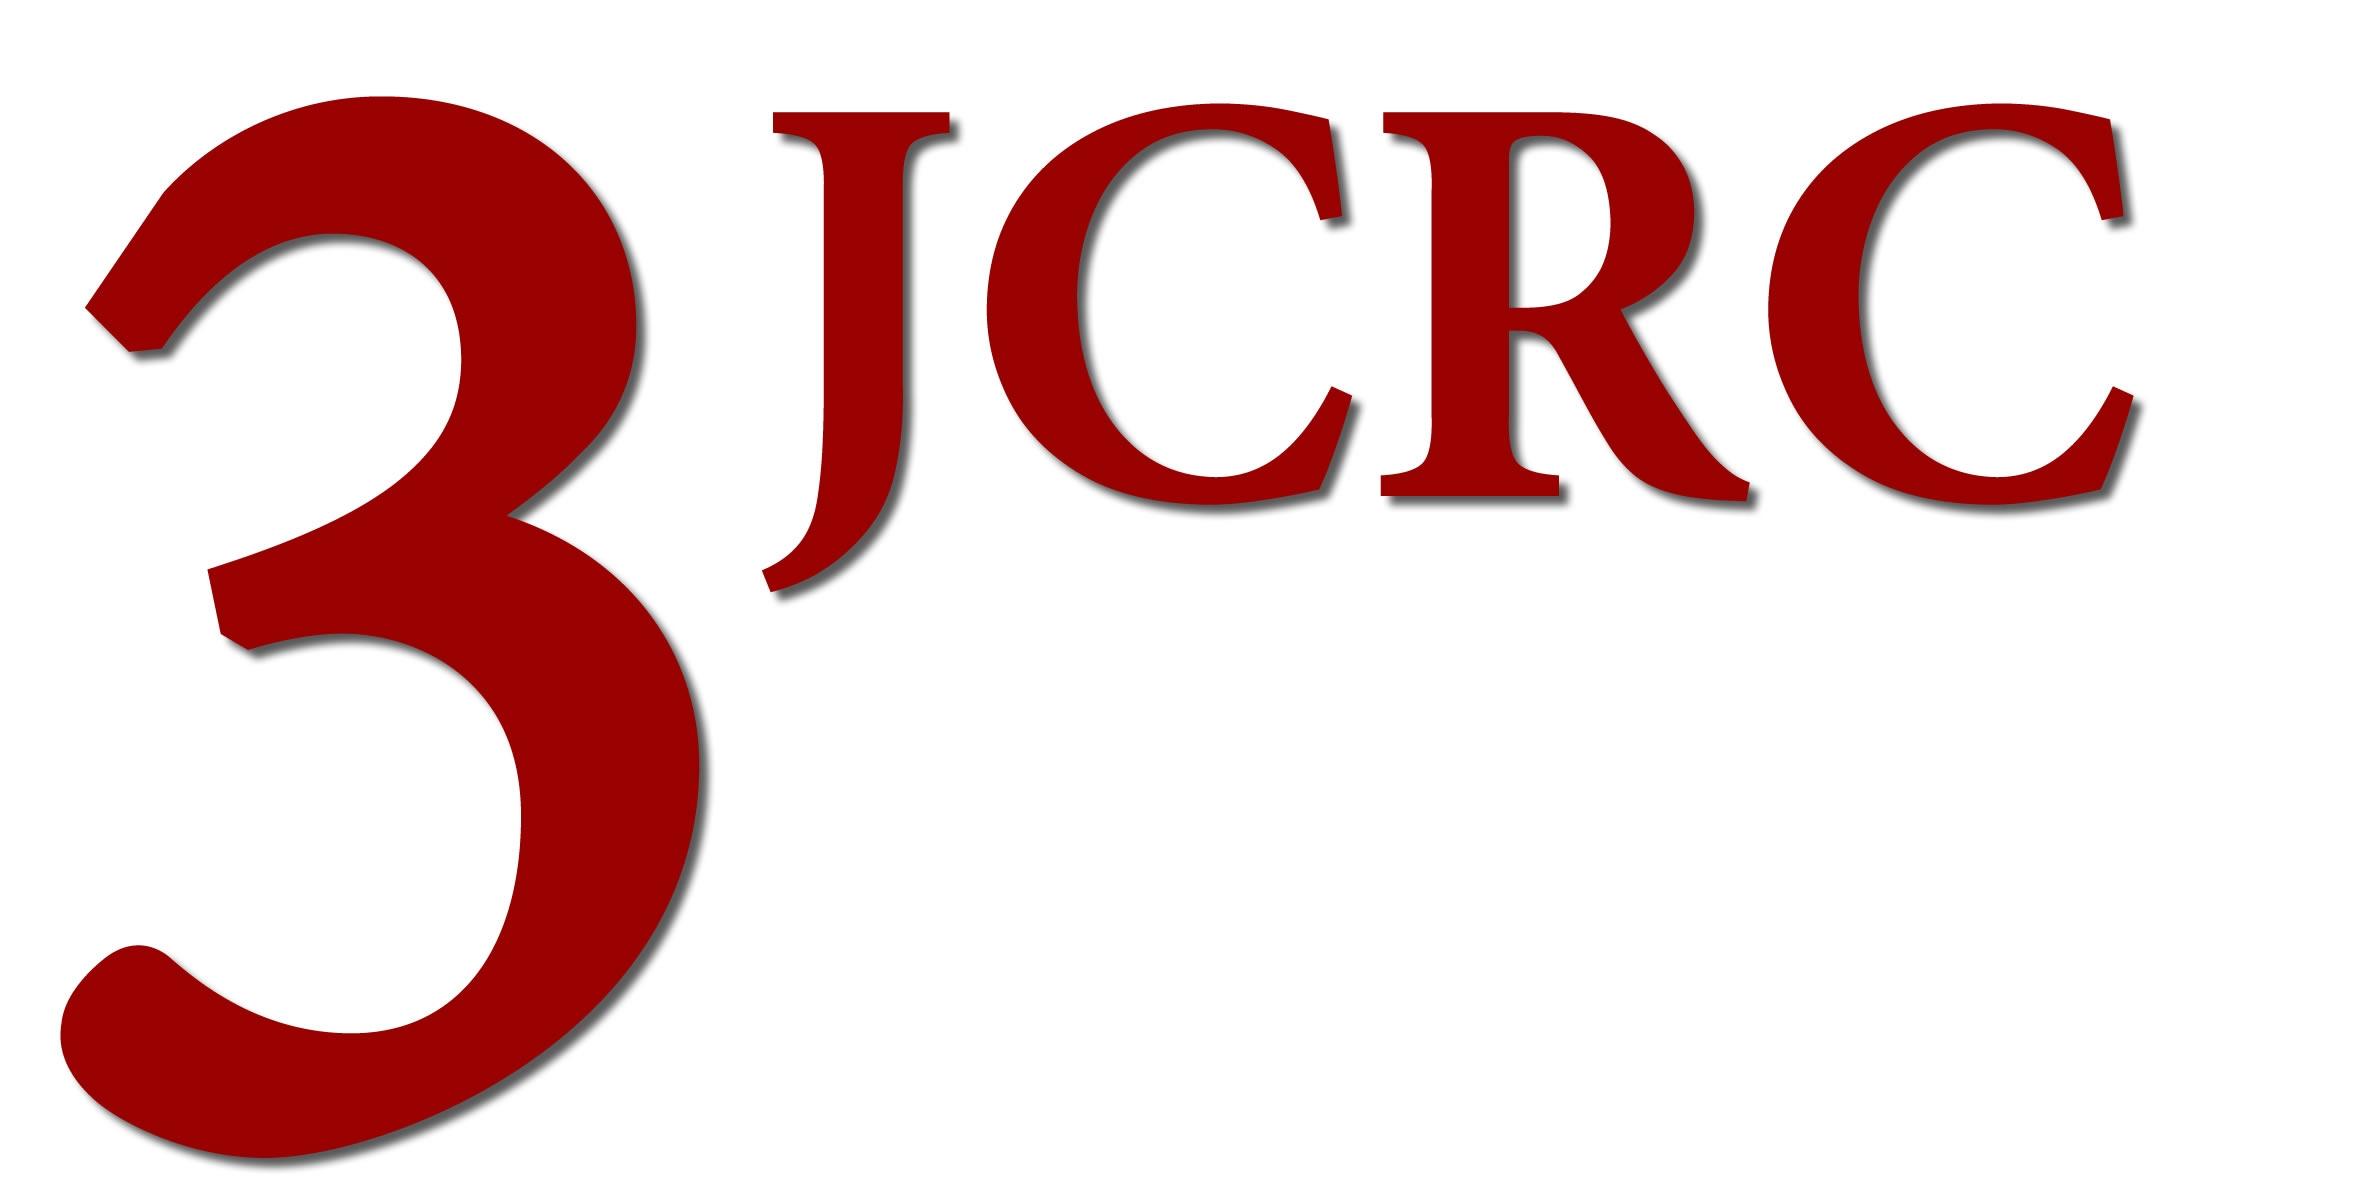 3JCRC